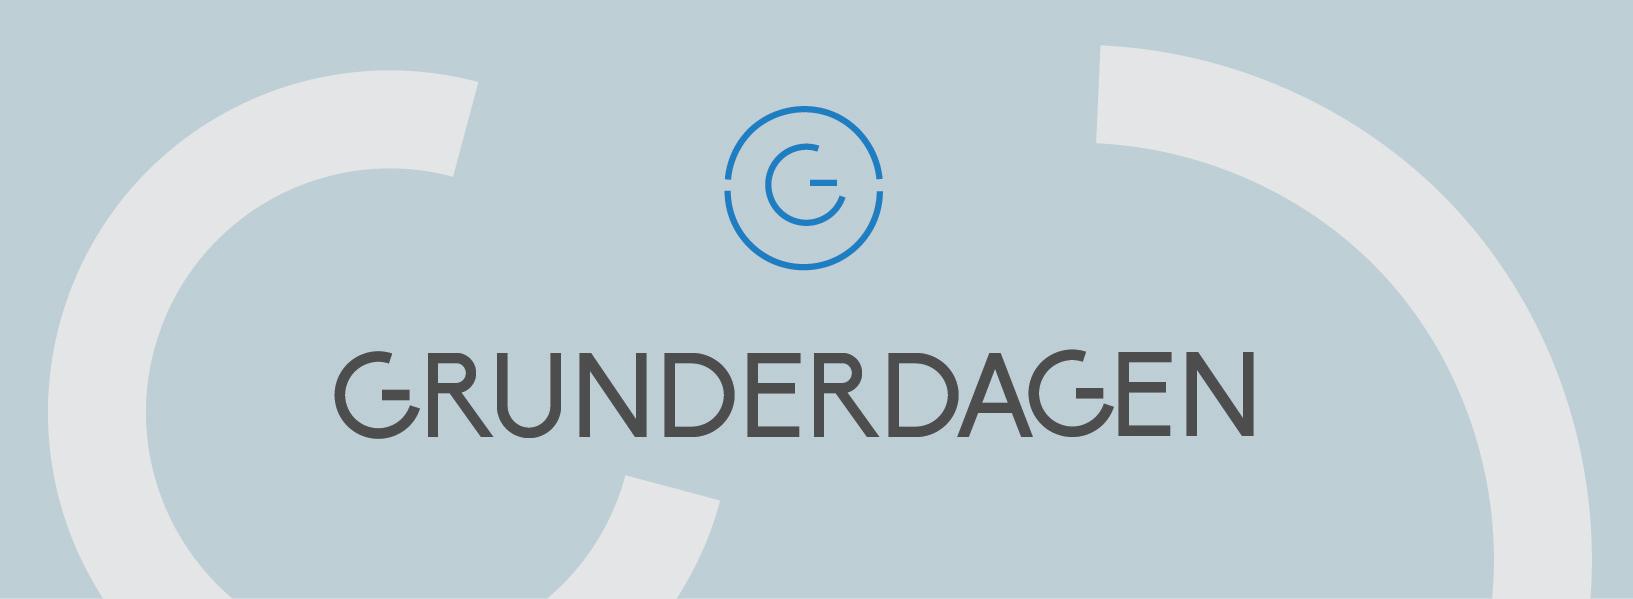 Gründerdagen 2016